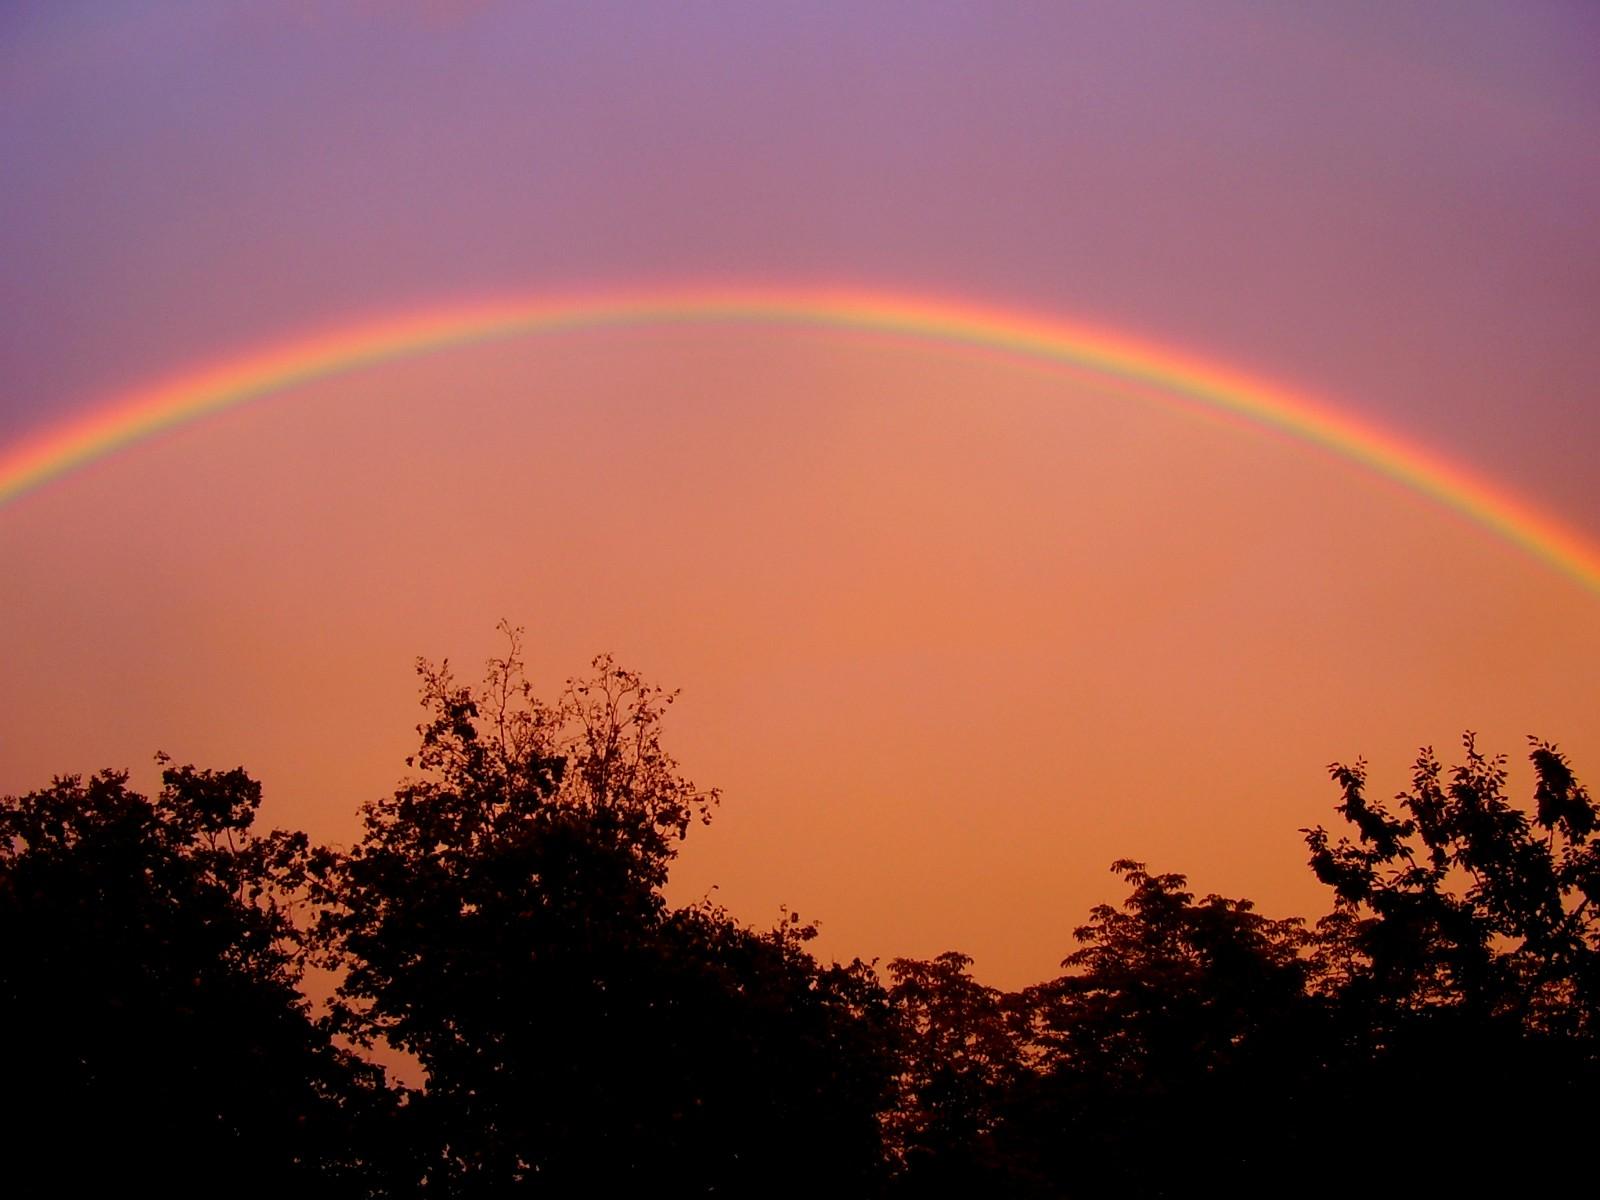 Regenbogen über Bäumen